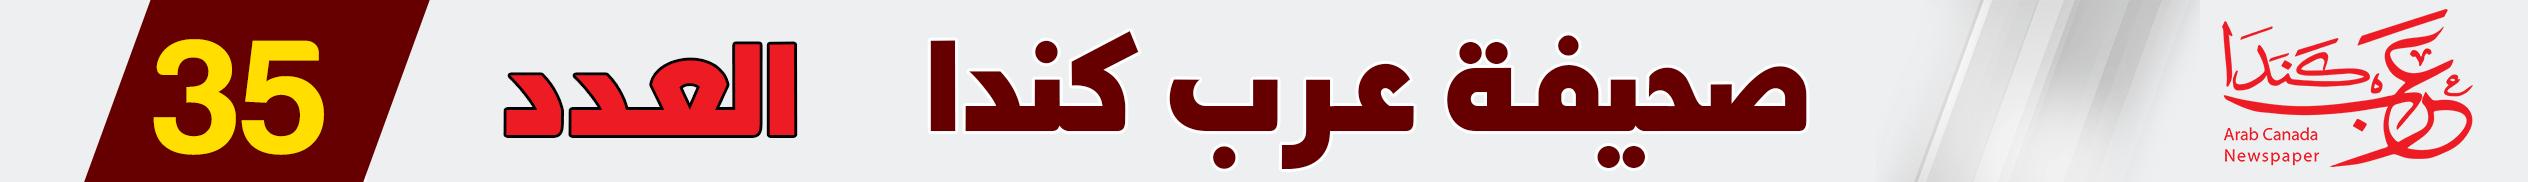 جريدة عرب كندا- العدد الخامس والثلاثون